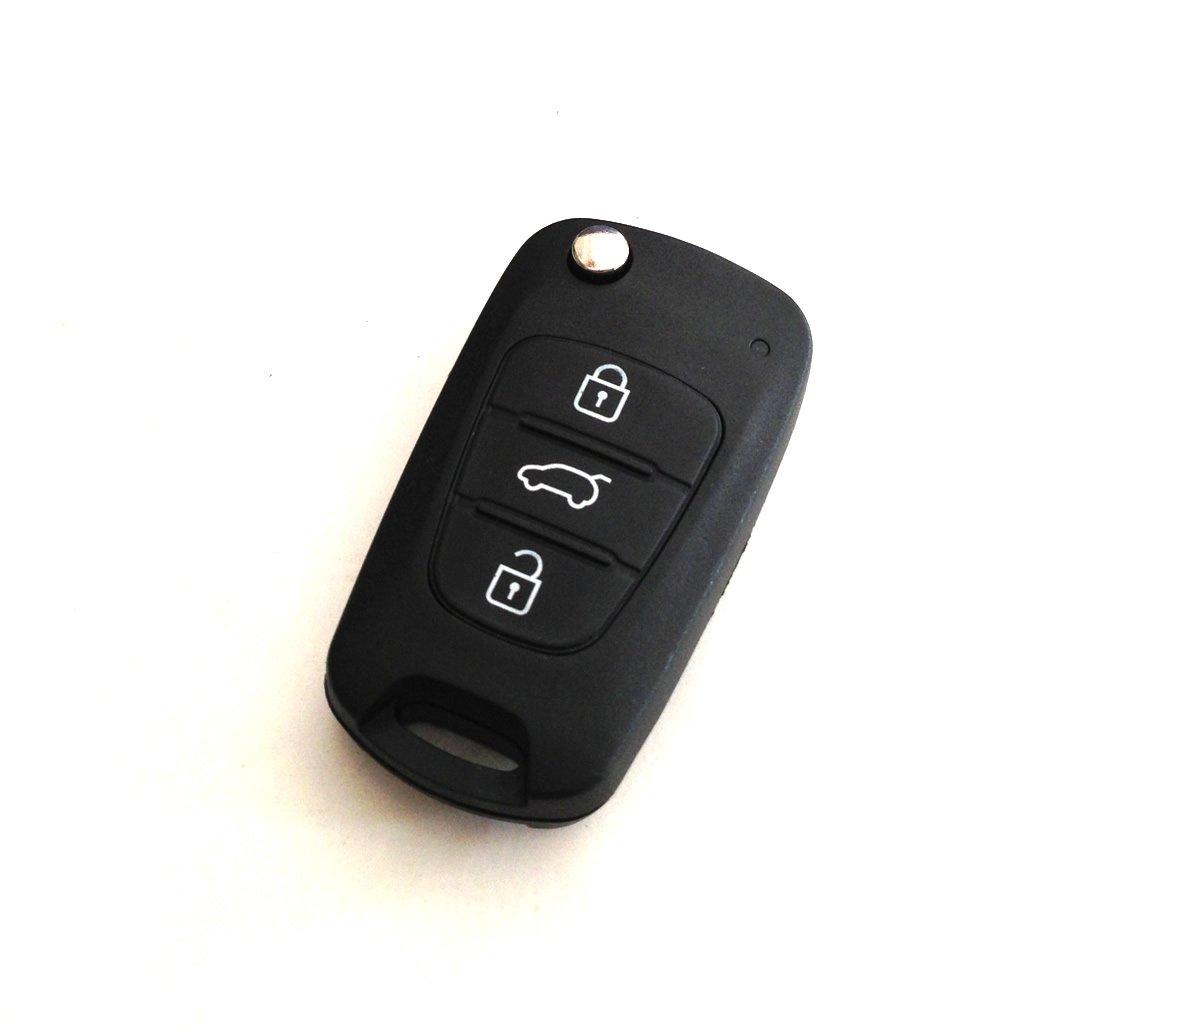 起亚智跑折叠遥控钥匙-汽车用品-亚马逊